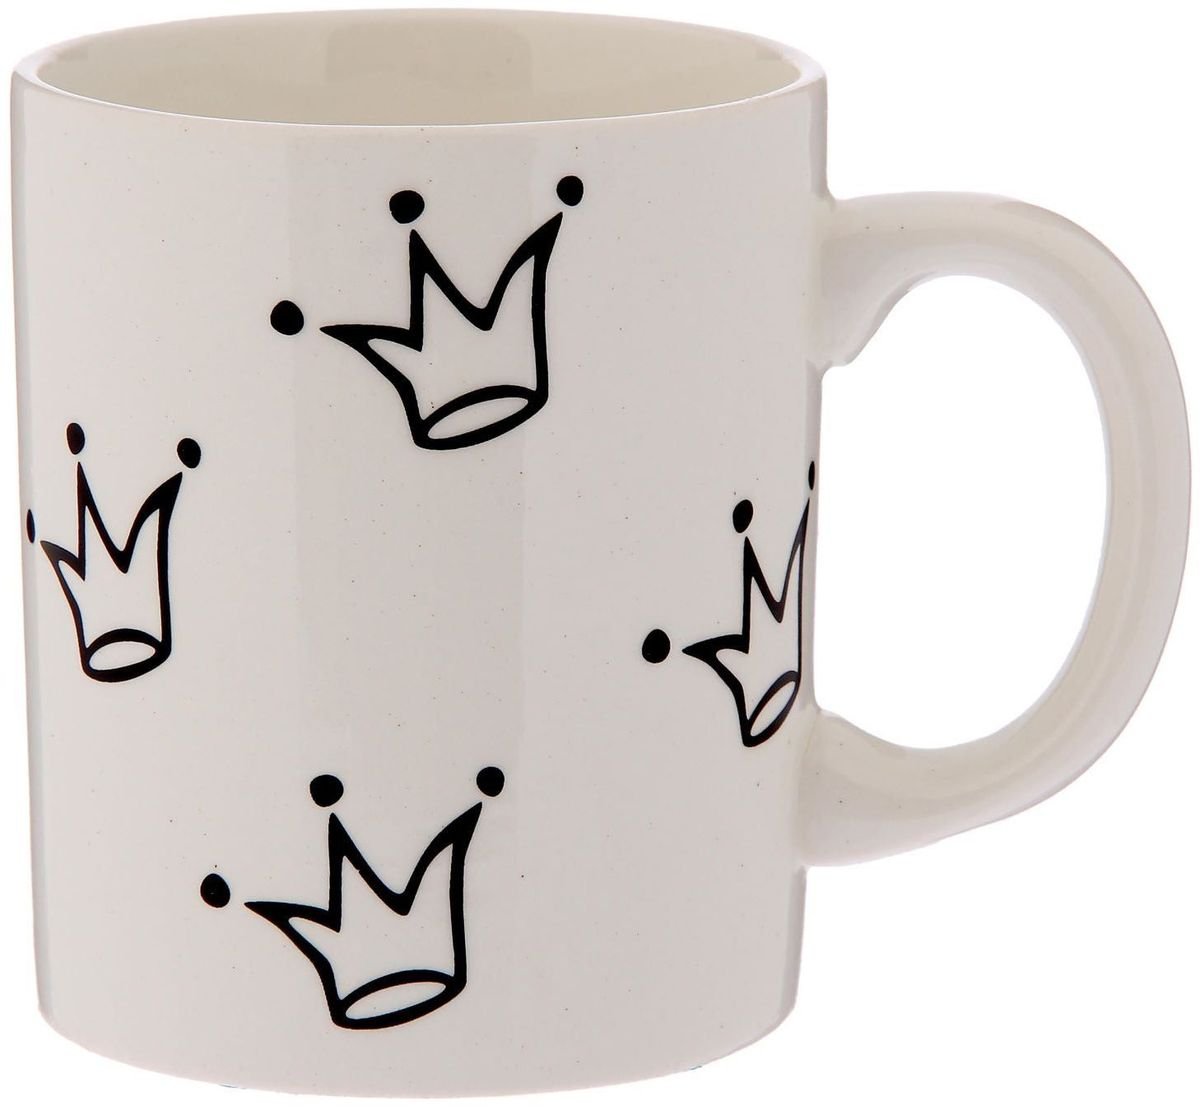 Кружка Сотвори чудо My Little Crown, 320 мл54 009312Хотите обновить интерьер кухни или гостиной? Устраиваете необычную фотосессию или тематический праздник? А может, просто ищете подарок для близкого человека?Кружка станет любимым аксессуаром на долгие годы. Относитесь к изделию бережно, и оно будет дарить прекрасное настроение каждый день!